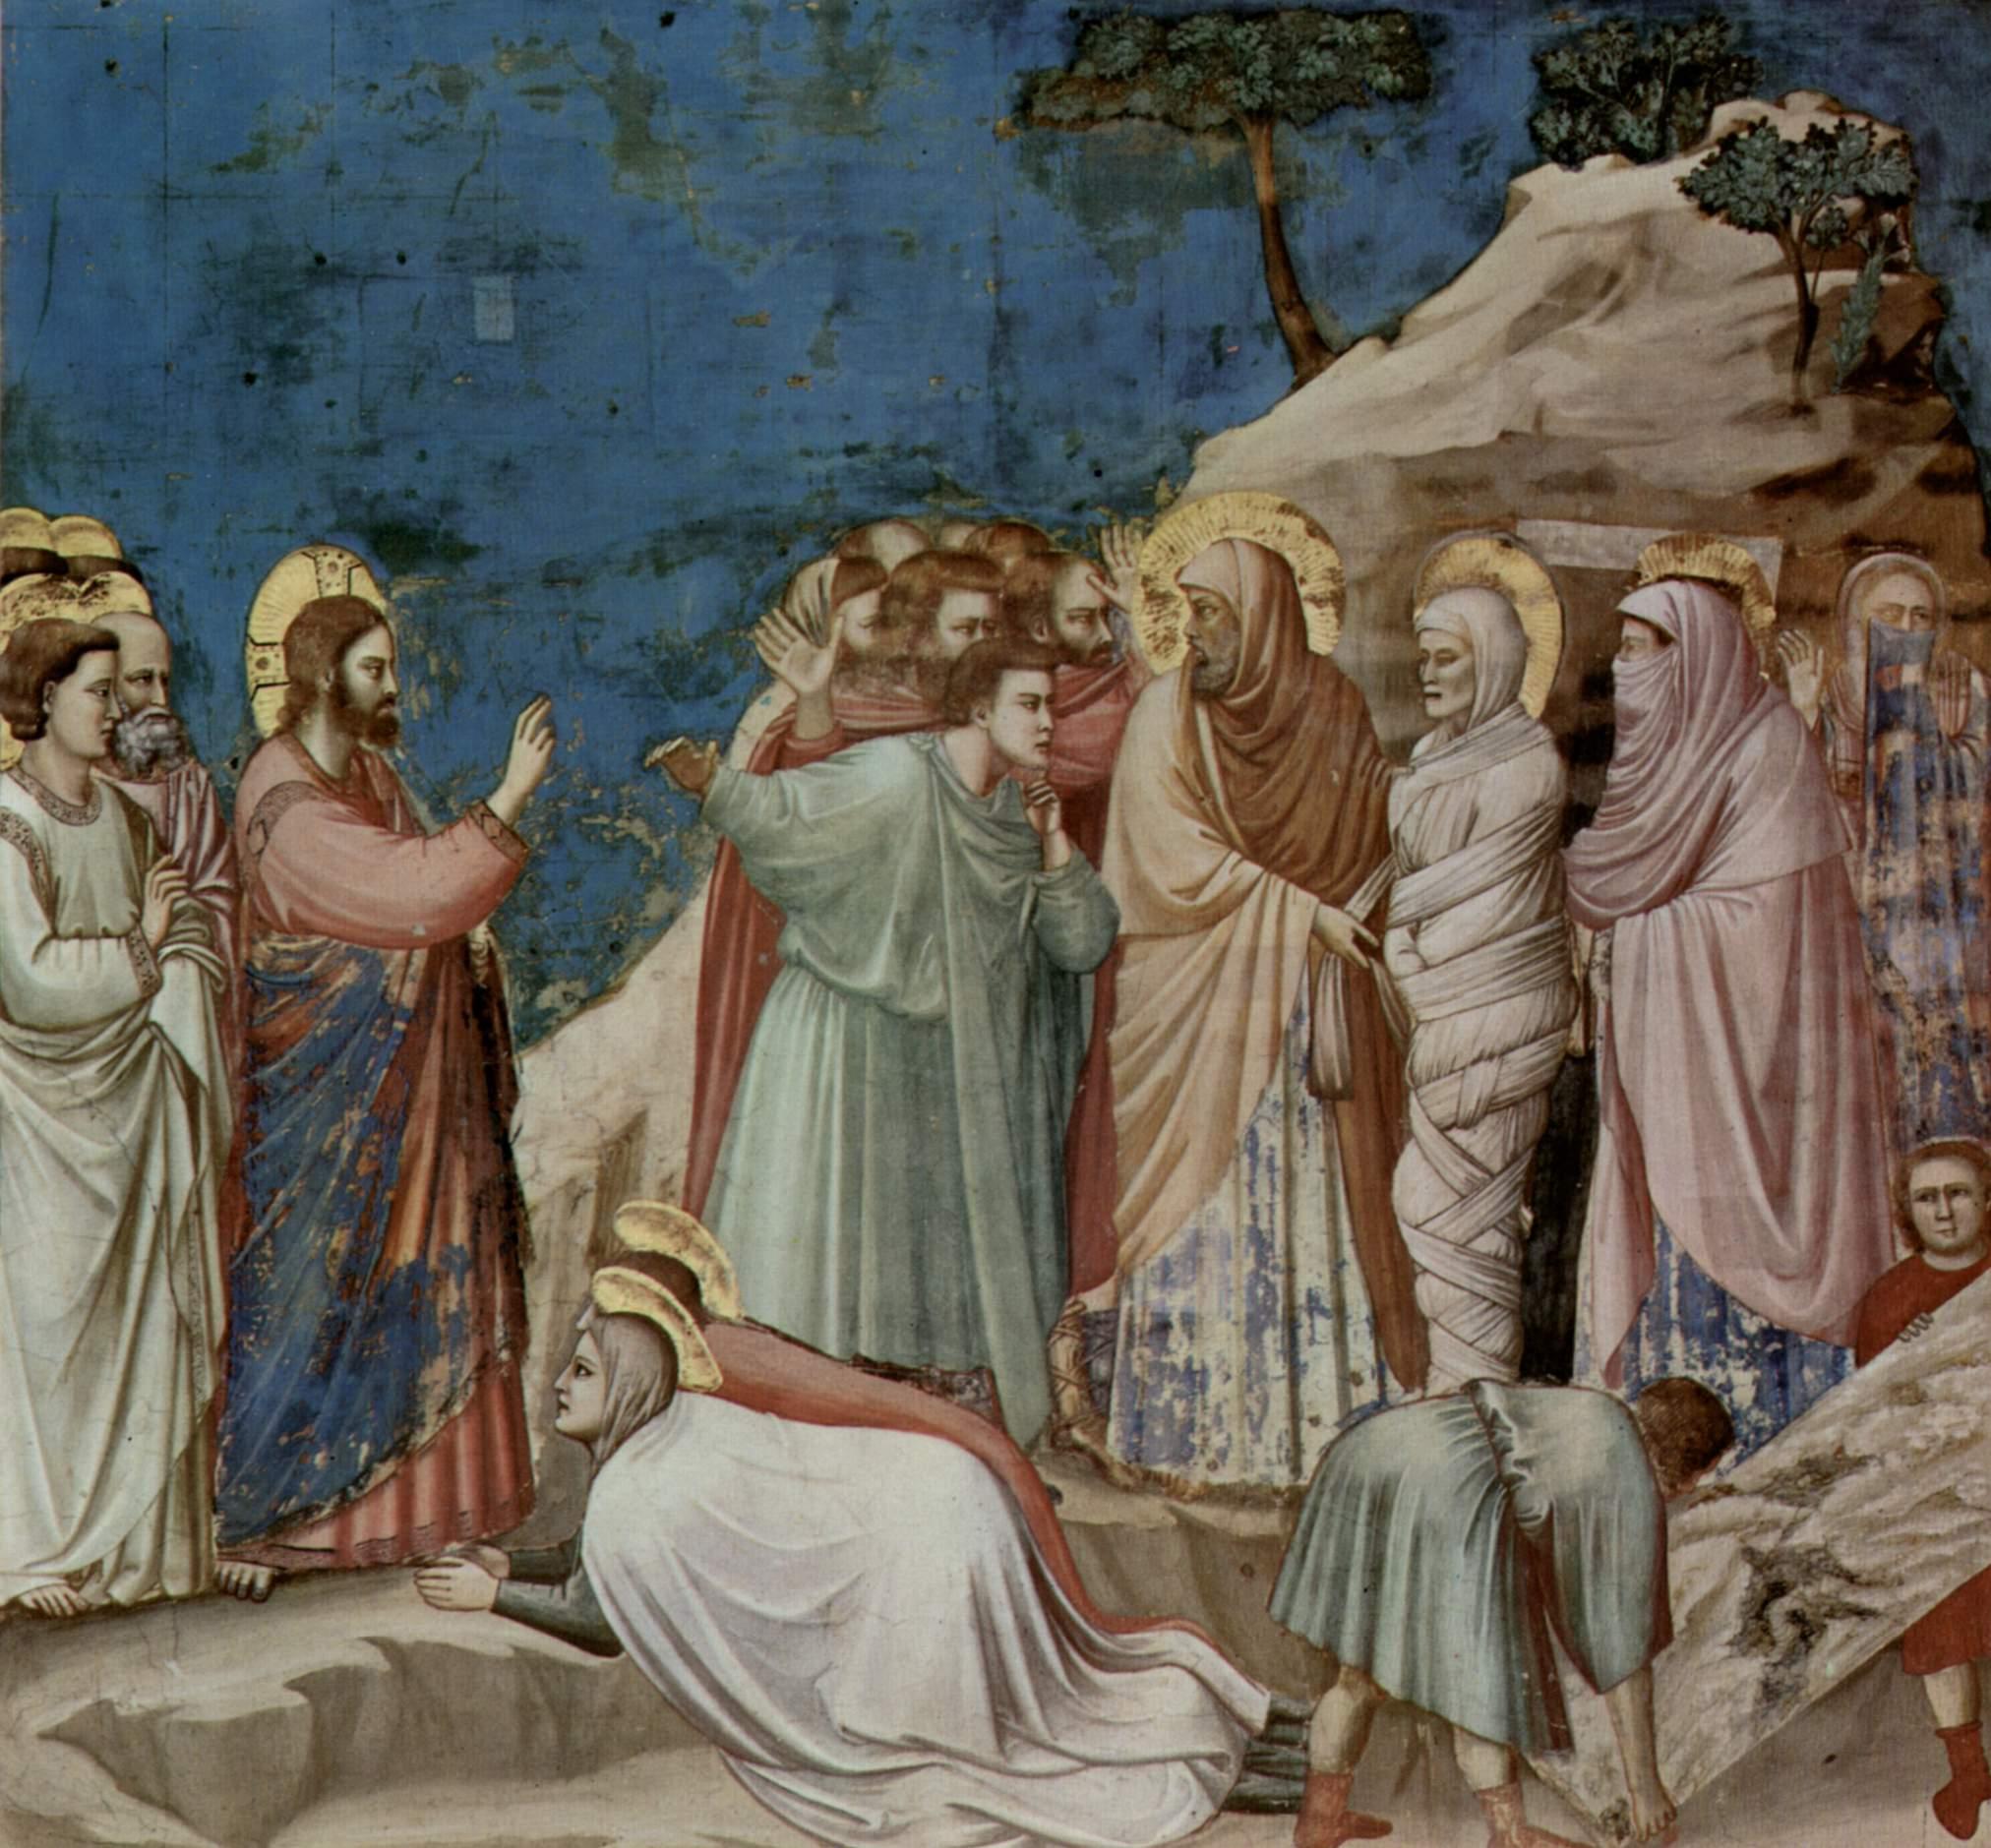 Цикл фресок капеллы Арена [20] в Падуе (капелла Скровеньи). Изгнание торгующих из храма. Фрагмент, Джотто ди Бондоне